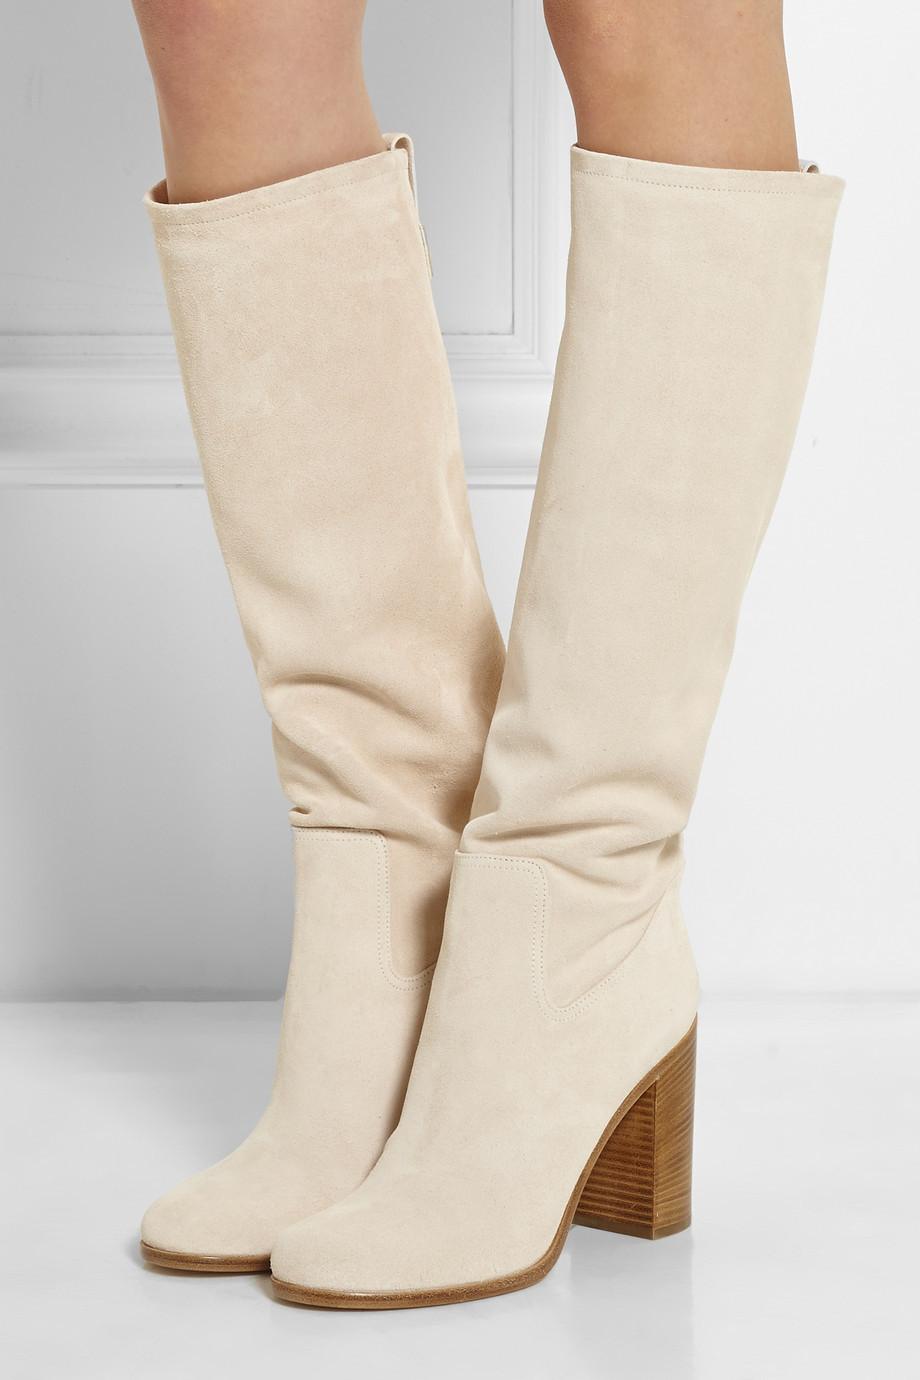 top vente 2015 nouveau design chunky bottes beige talons hauts bottes pour femmes haute bottes. Black Bedroom Furniture Sets. Home Design Ideas